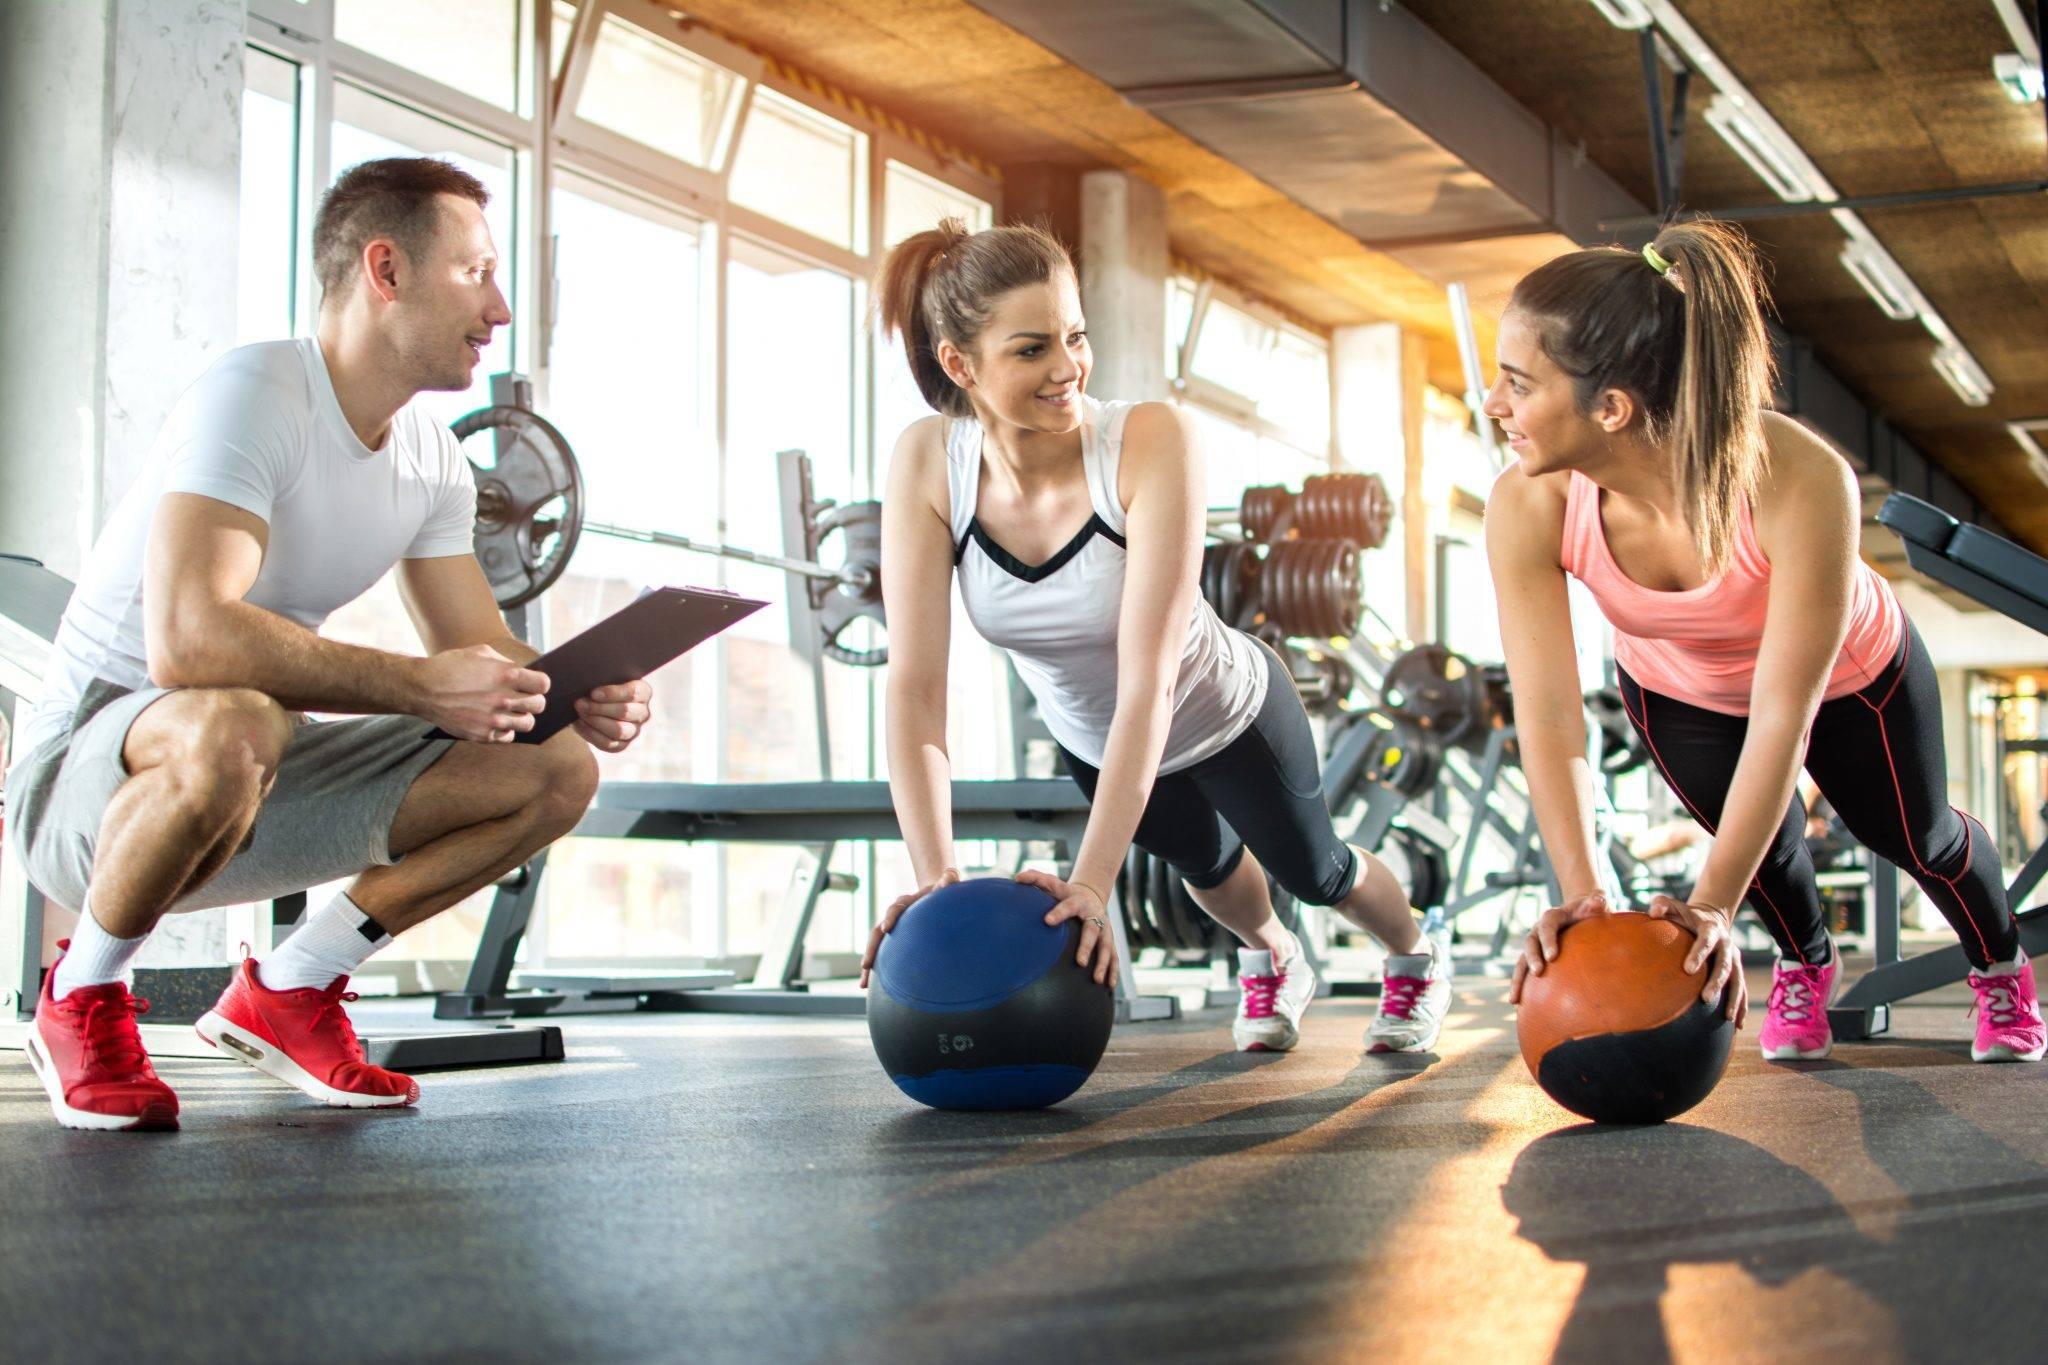 3-ех дневная программа тренировок по бодибилдингу: для начинающих в тренажерном зале